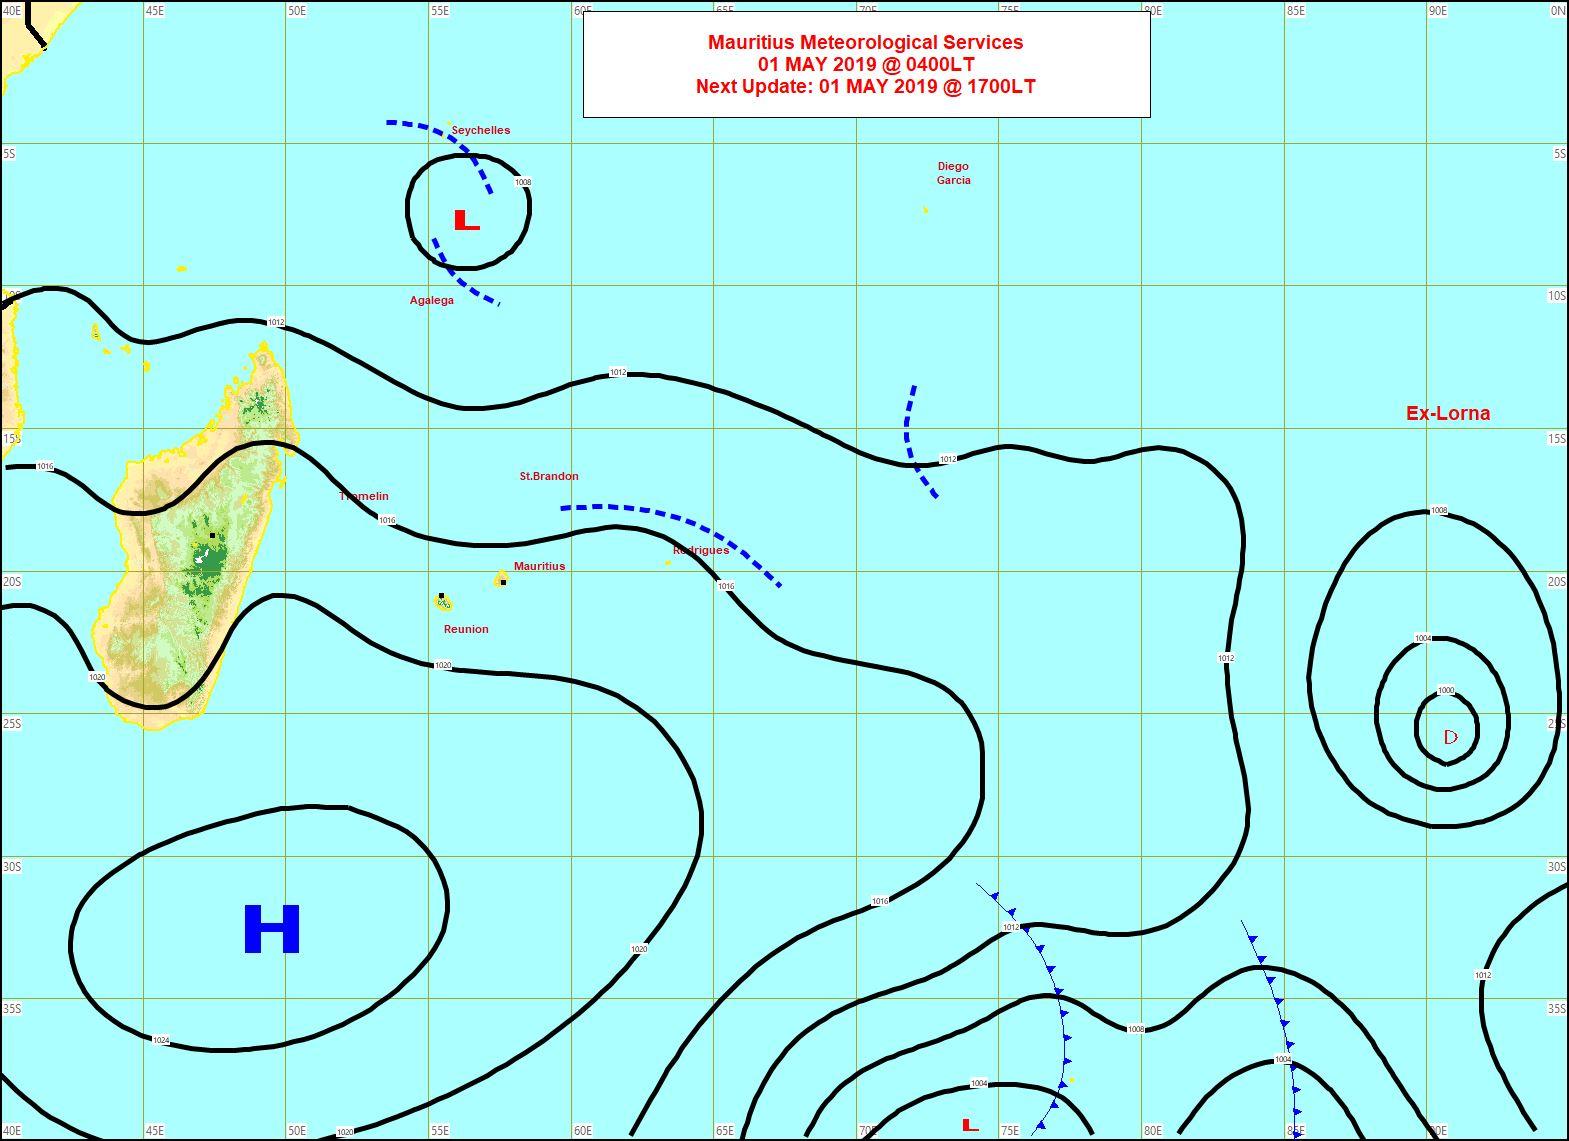 Carte établie à 04heures. L'anticylone est positionné au sud des Iles Soeurs et fait circulier un alizée modéré à rapide. MMS